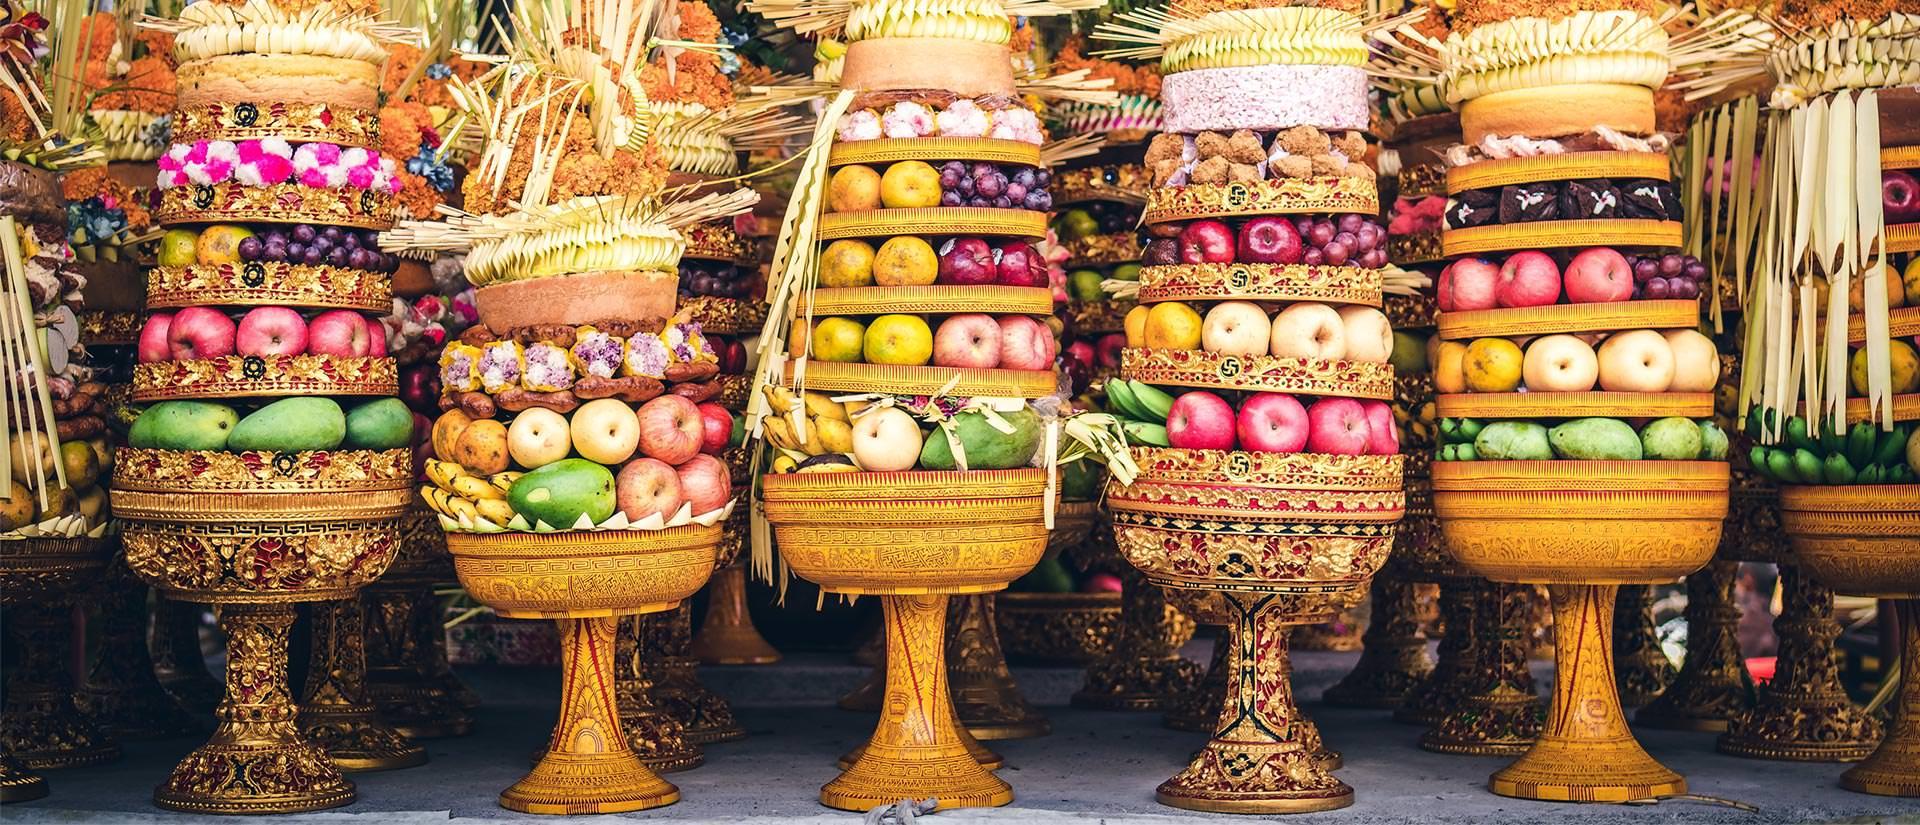 טיול לאינדונזיה - 19 יום - ממקדשי יאווה לשבטי הטורג'ה, טקסי באלי<br> ו''איש היער'' בבורניאו